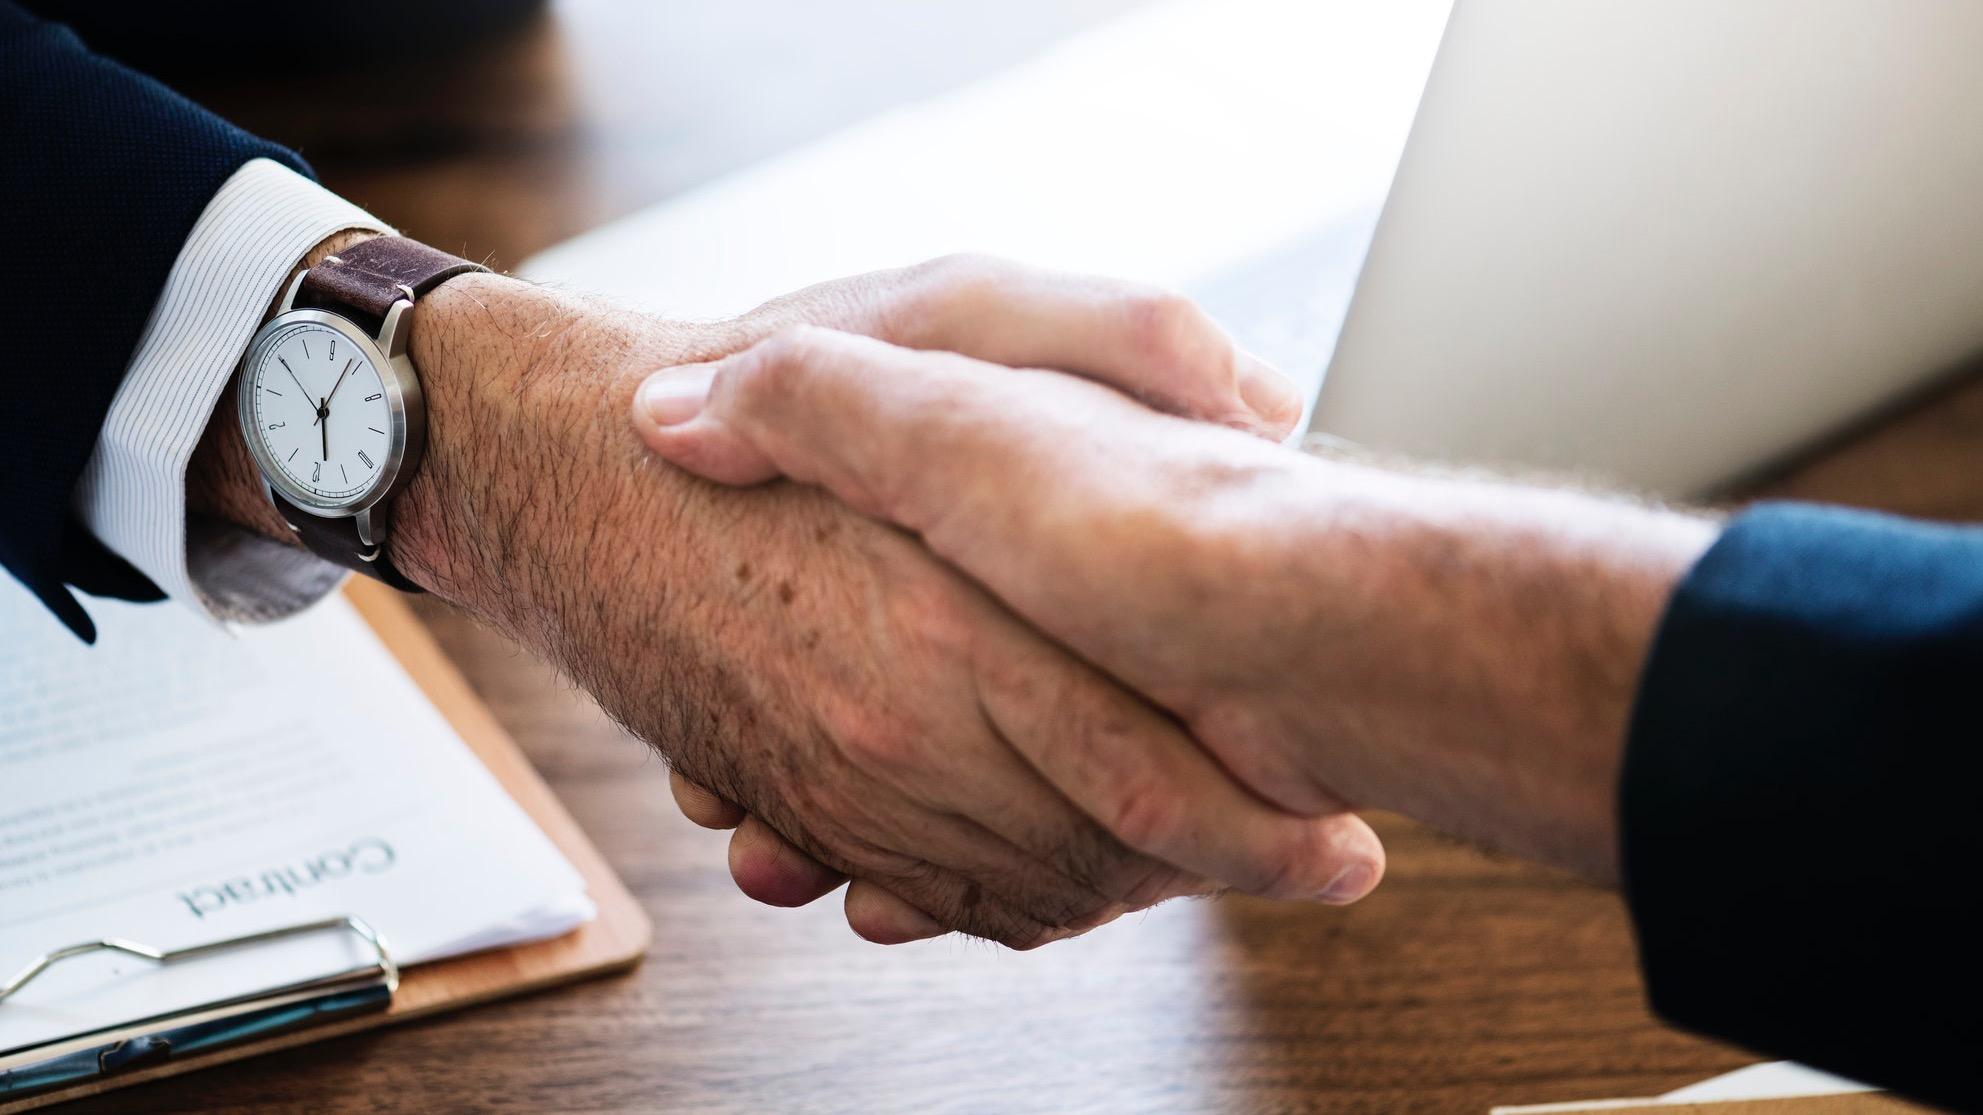 Imprese: nuovo accordo per il credito 2019